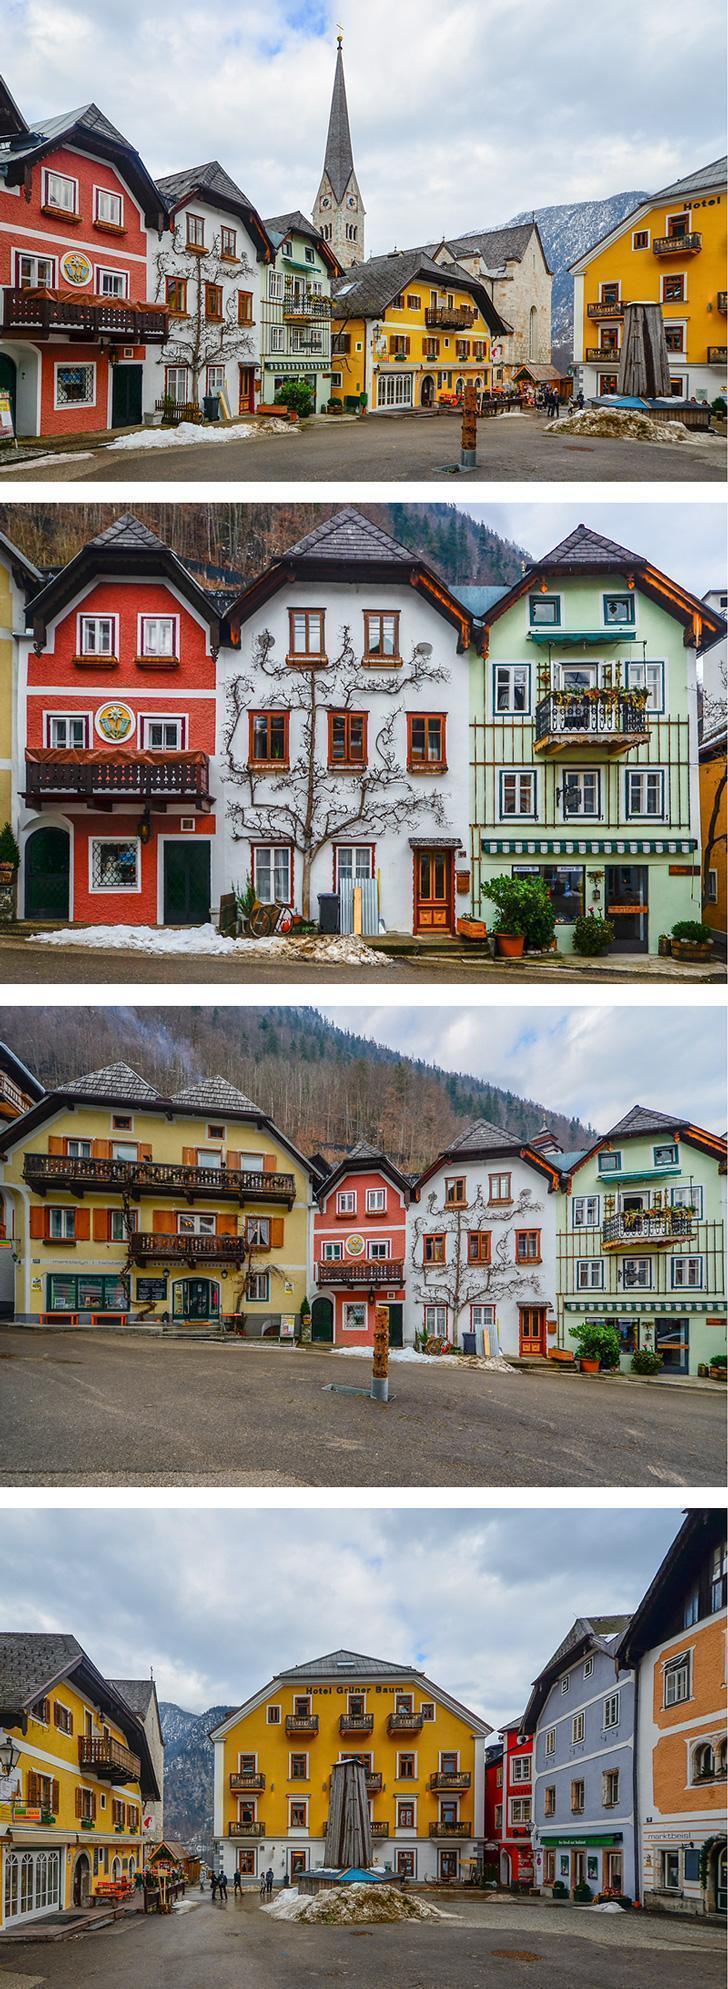 Walking around the Austria's charming town of Hallstatt in winter